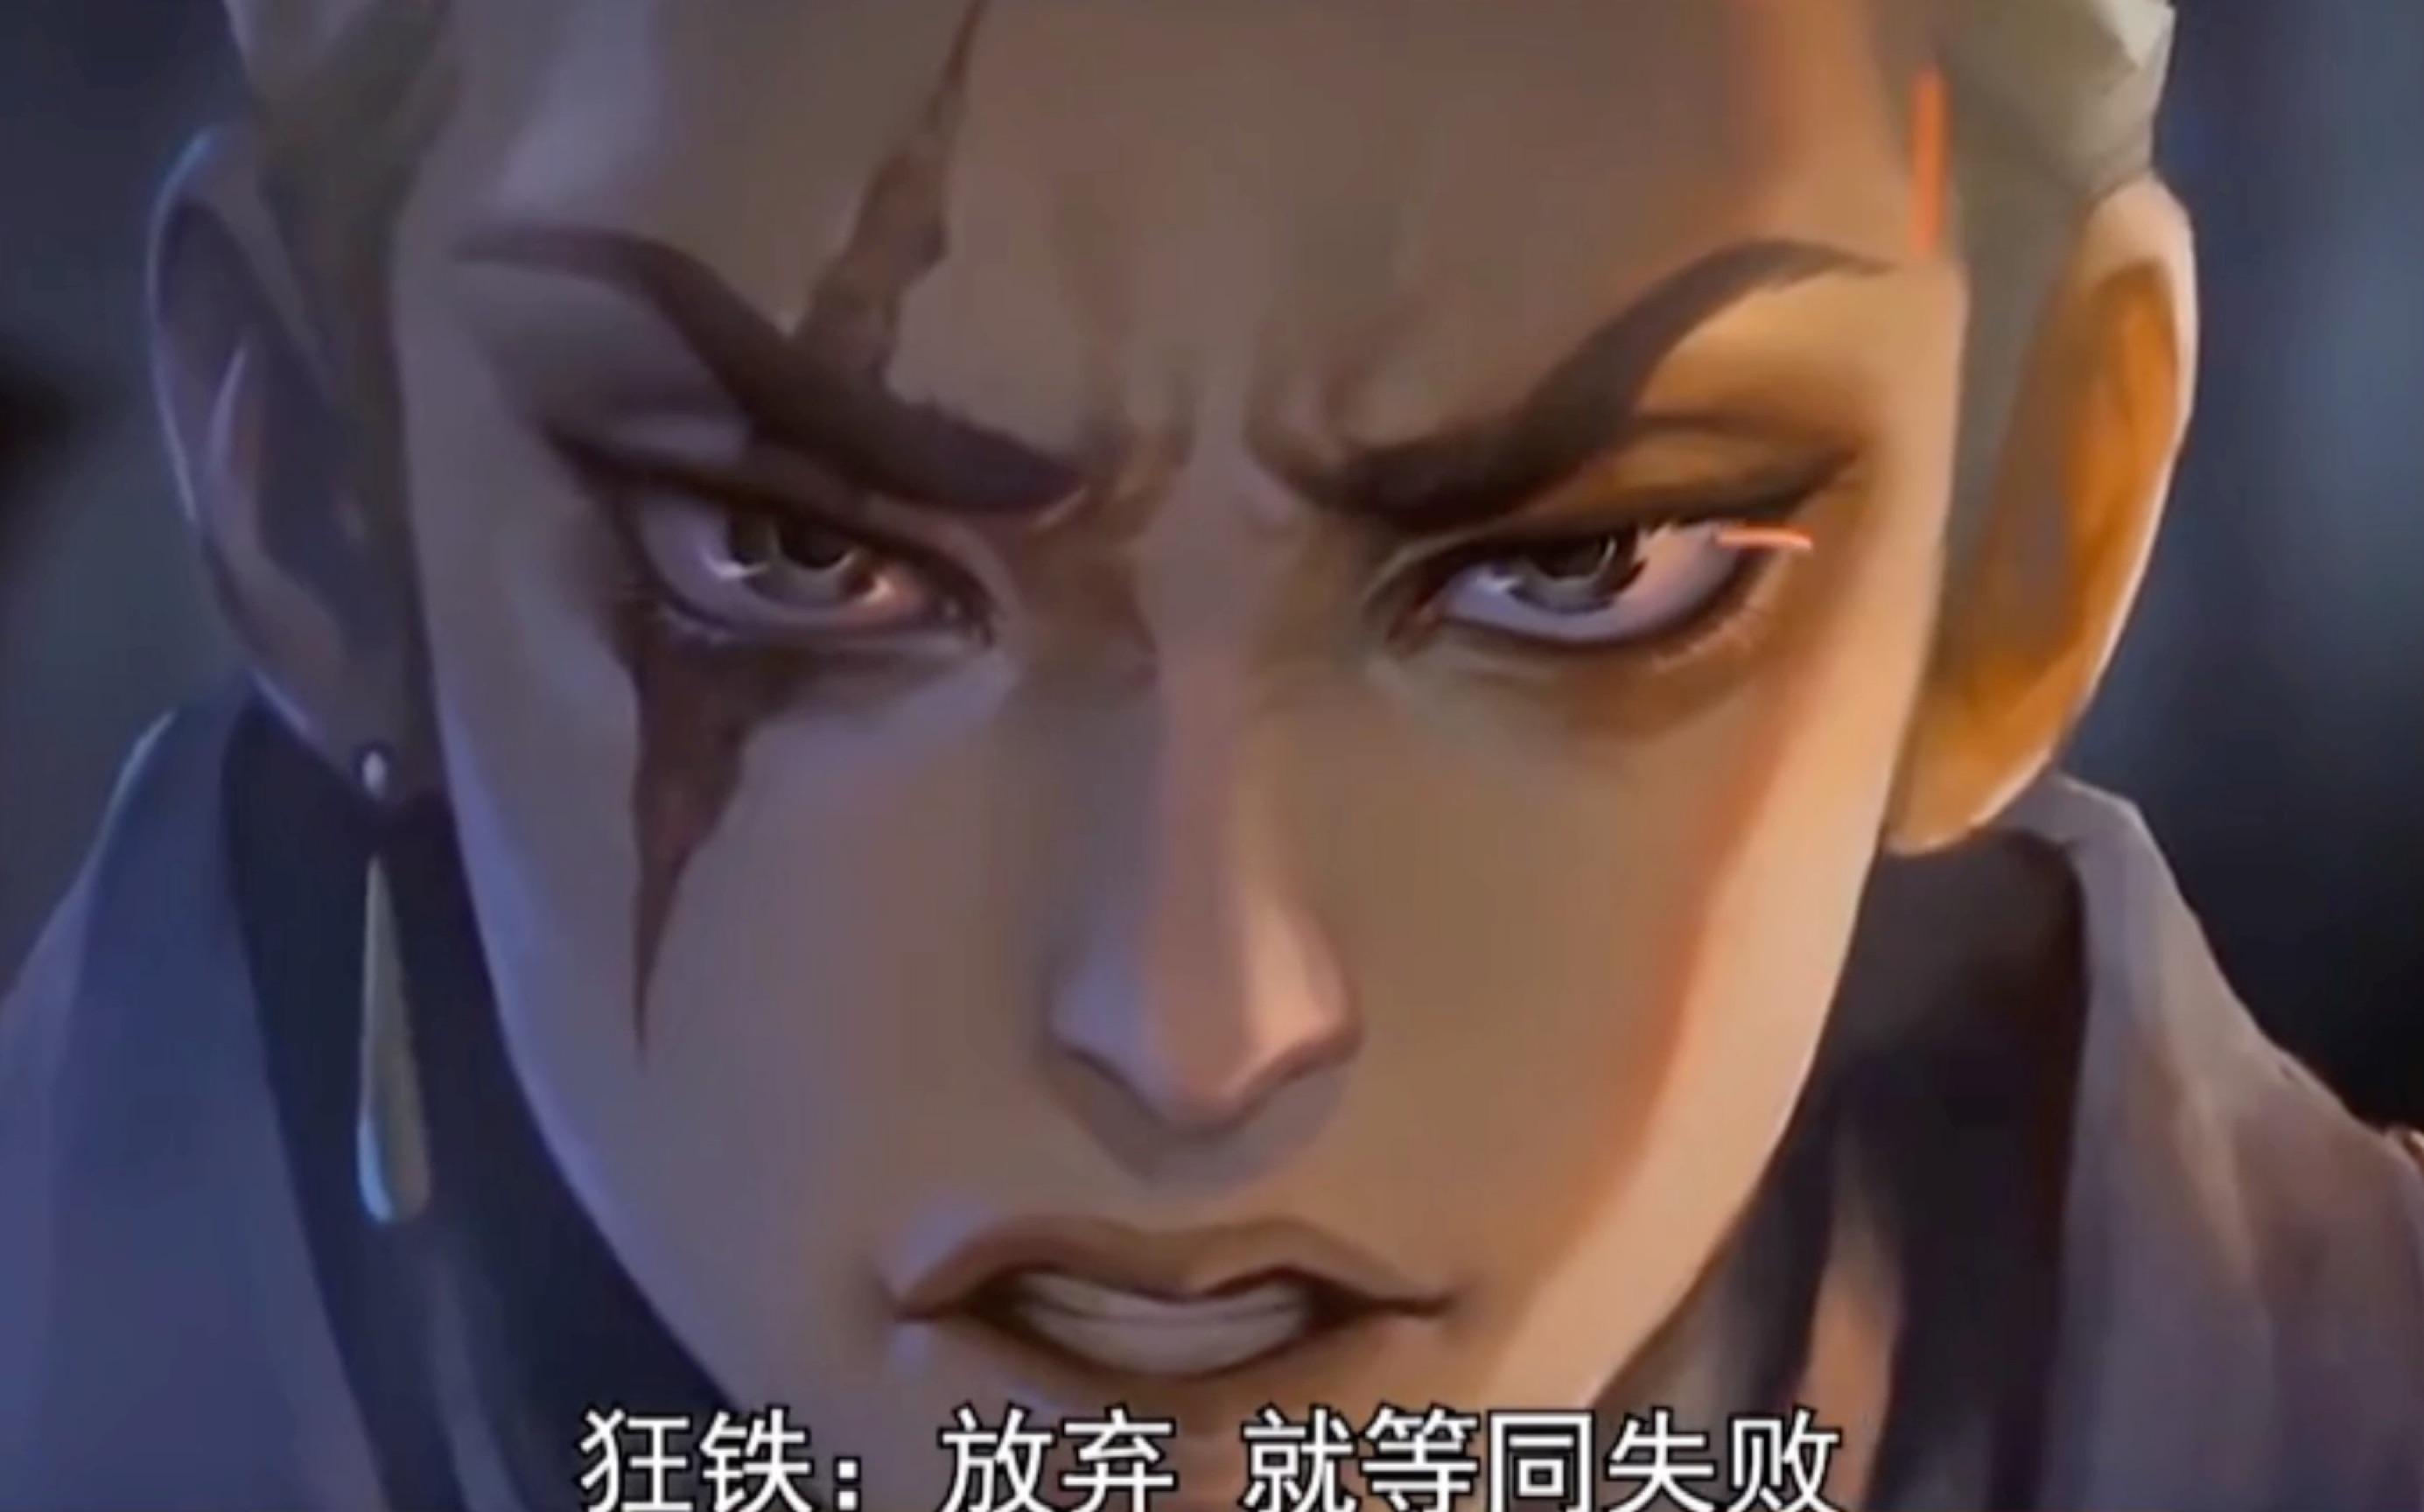 【王者荣耀/励志/台词向】谁说王者台词没深度